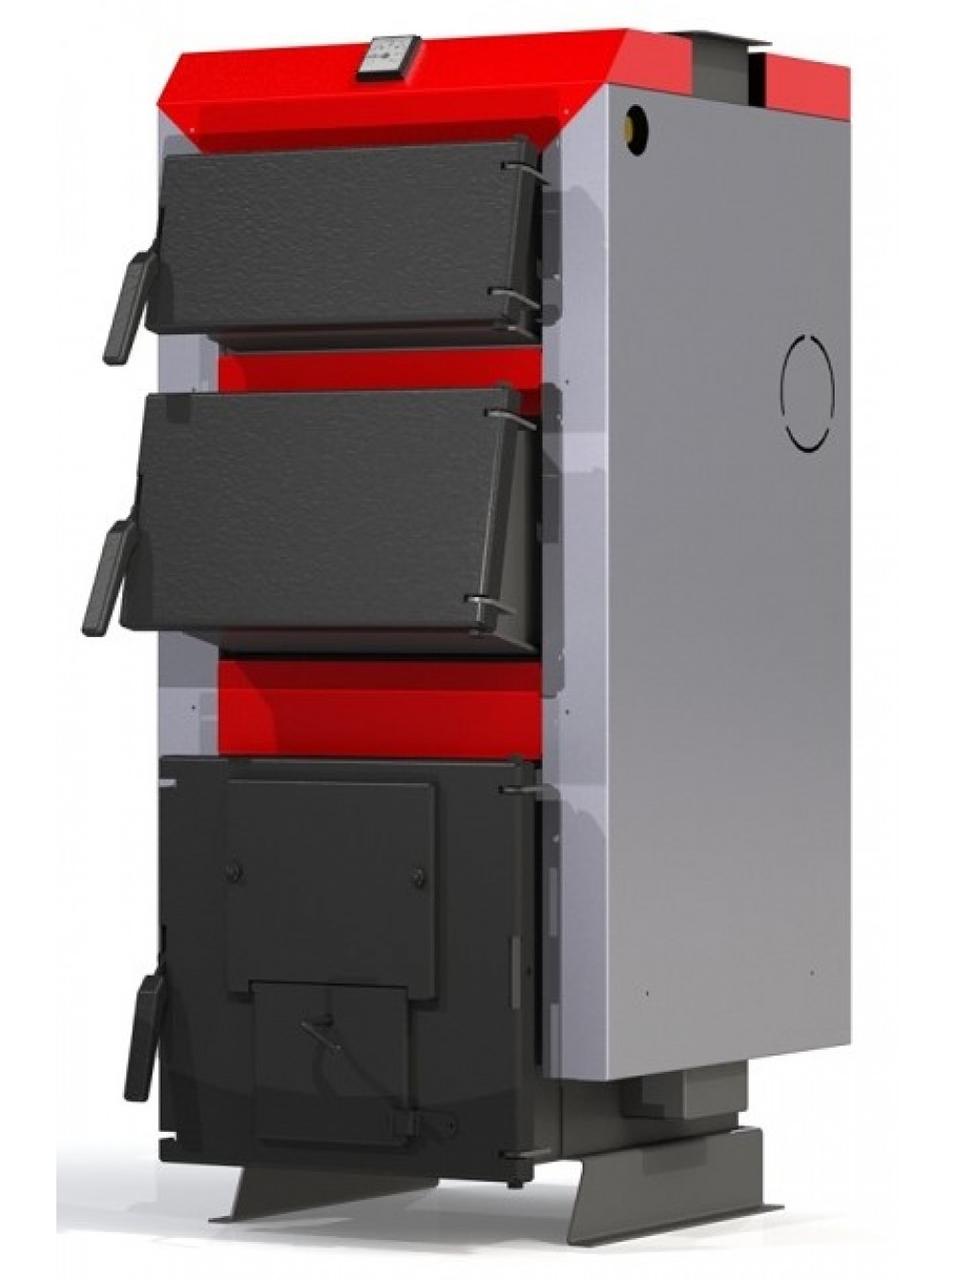 Твердотопливный котел ProTech ТТ-26 кВт ECO Line длительного горения на дровах, угле и брикетах